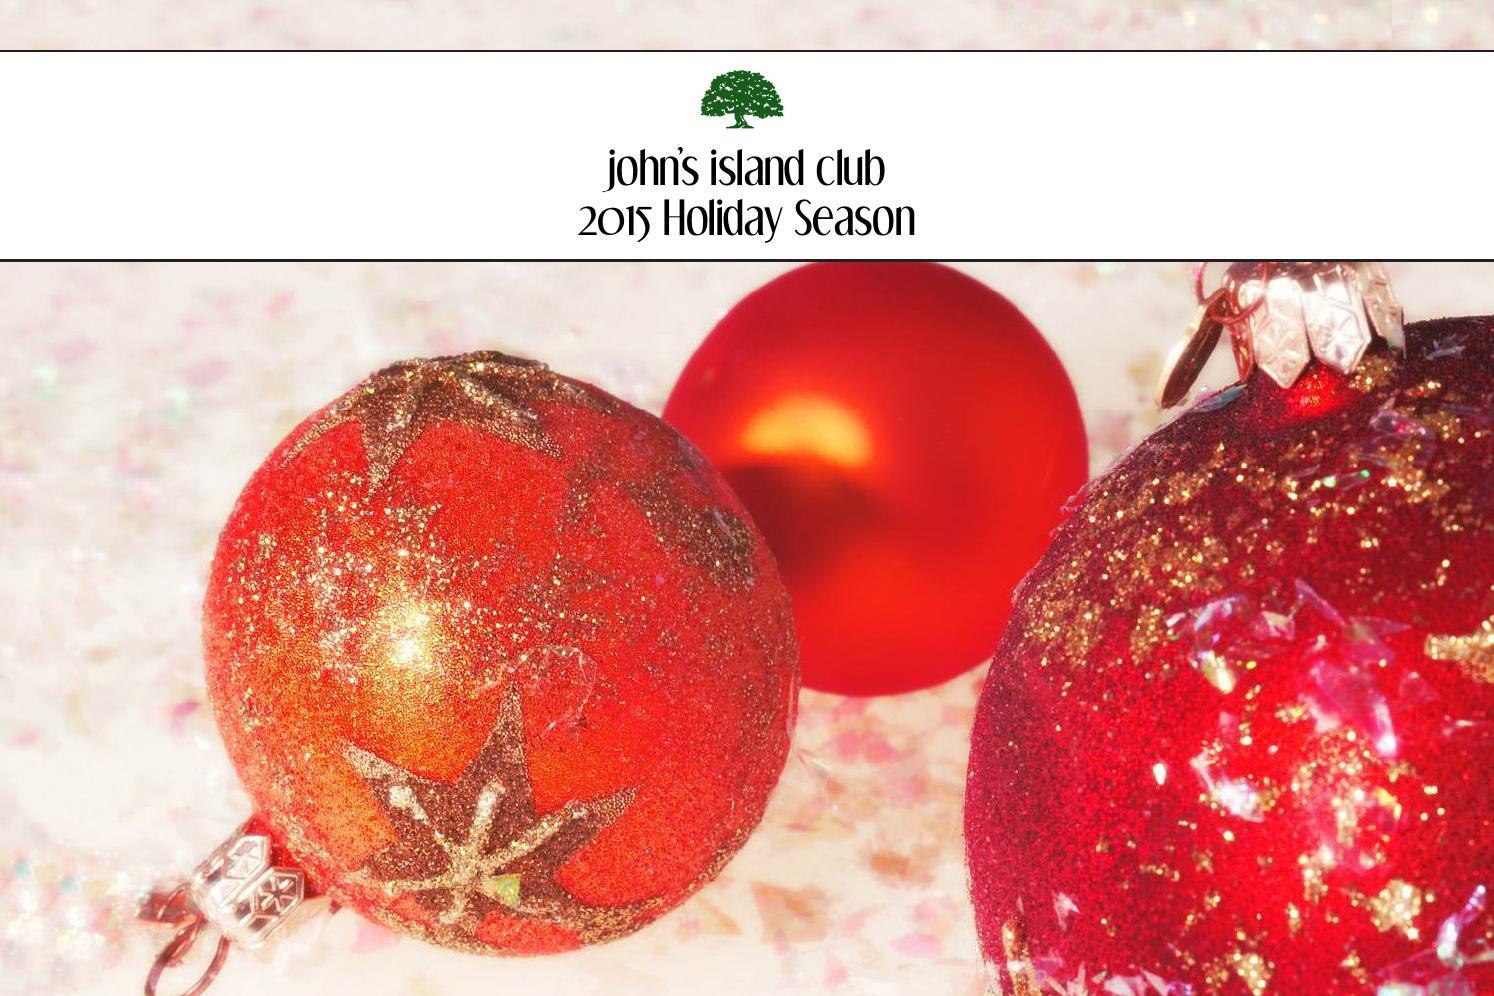 Johns Island Christmas Lights